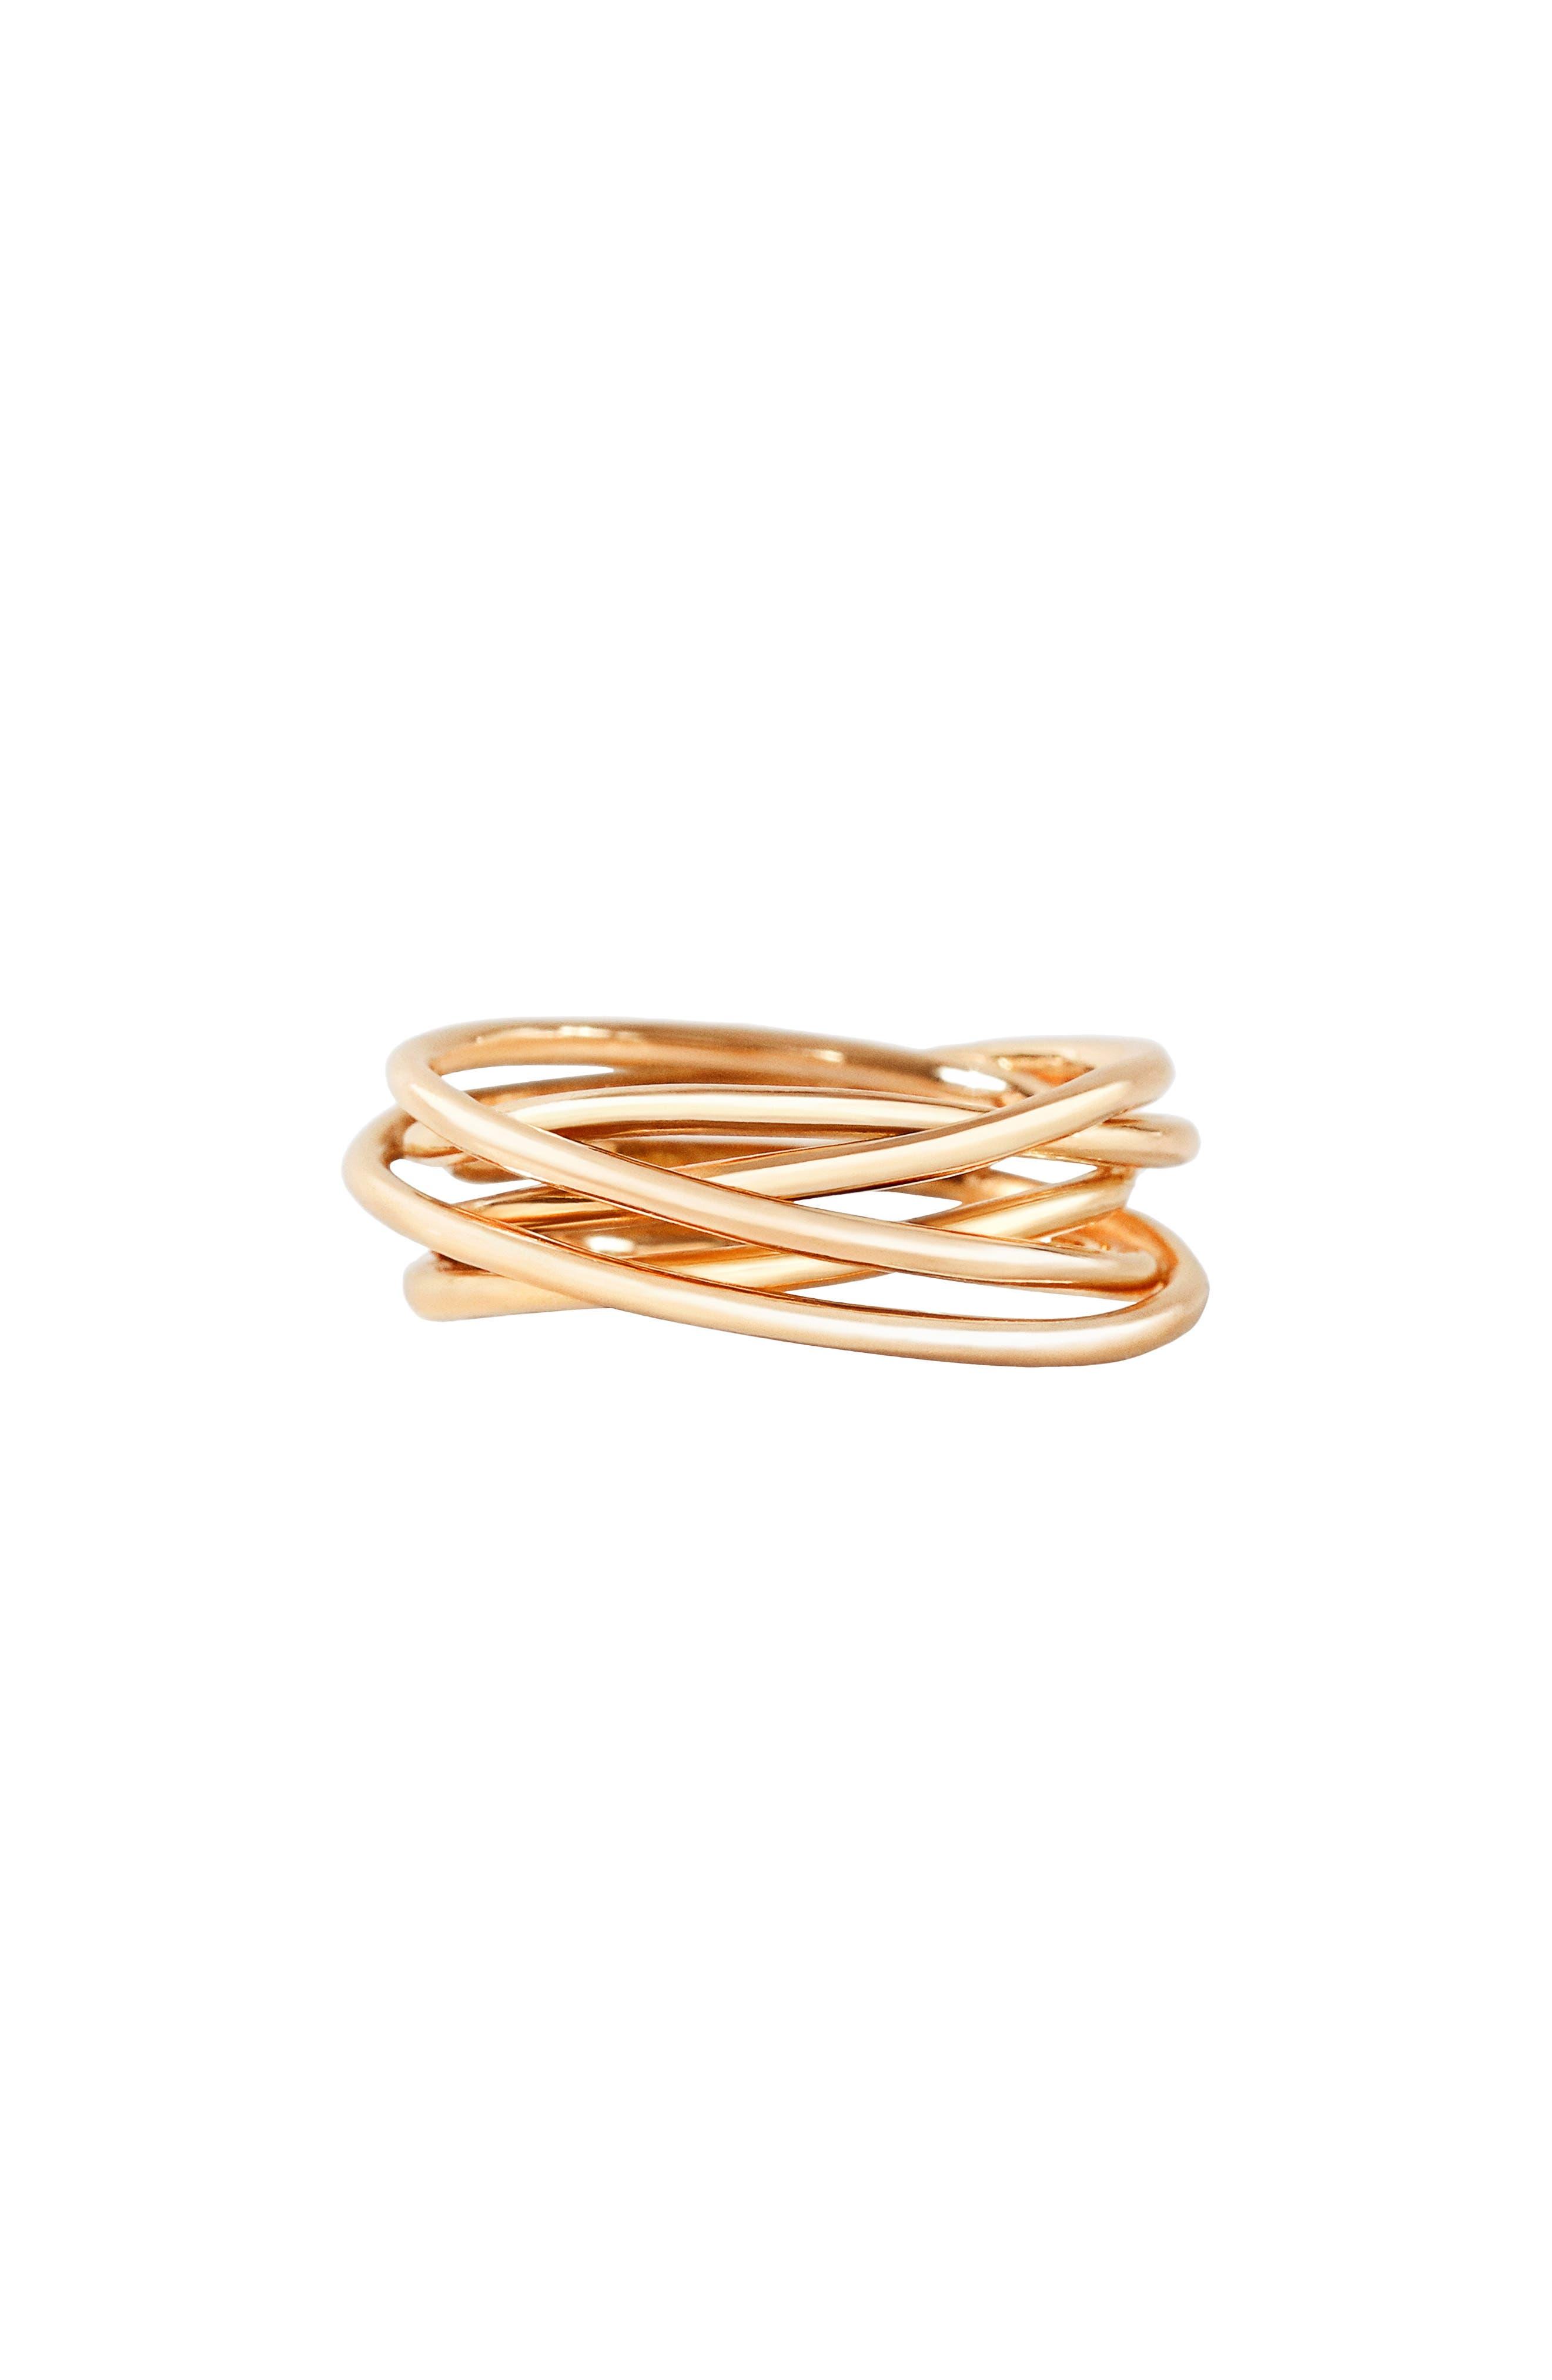 Willis Wrap Ring